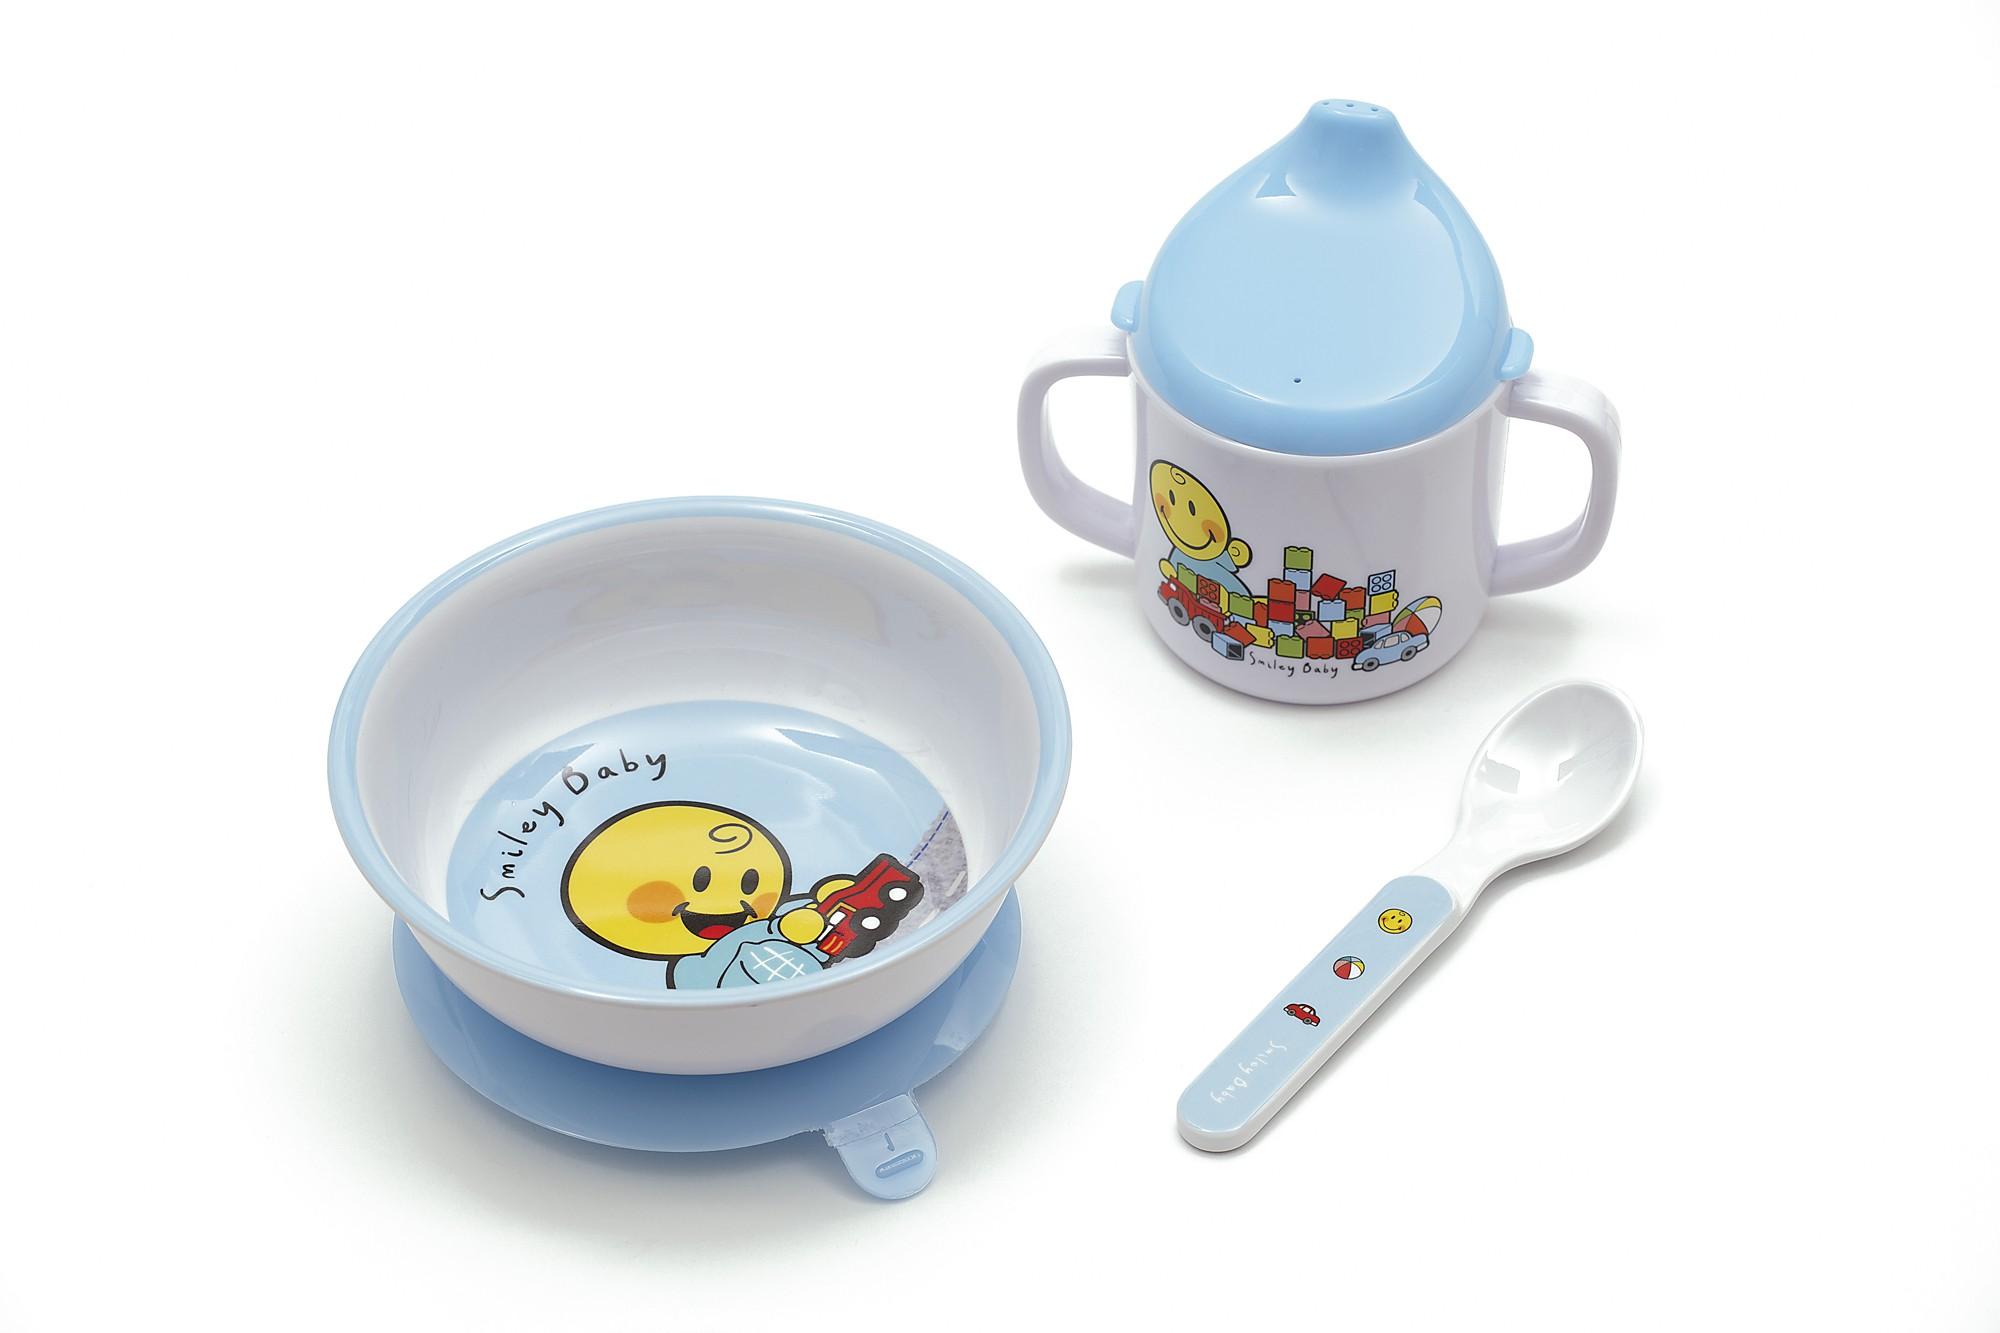 Σετ Φαγητού BeBe Smiley Baby Boy Zak Designs 3Τεμ. Μελαμίνης home   ειδη σερβιρισματος   είδη bebe